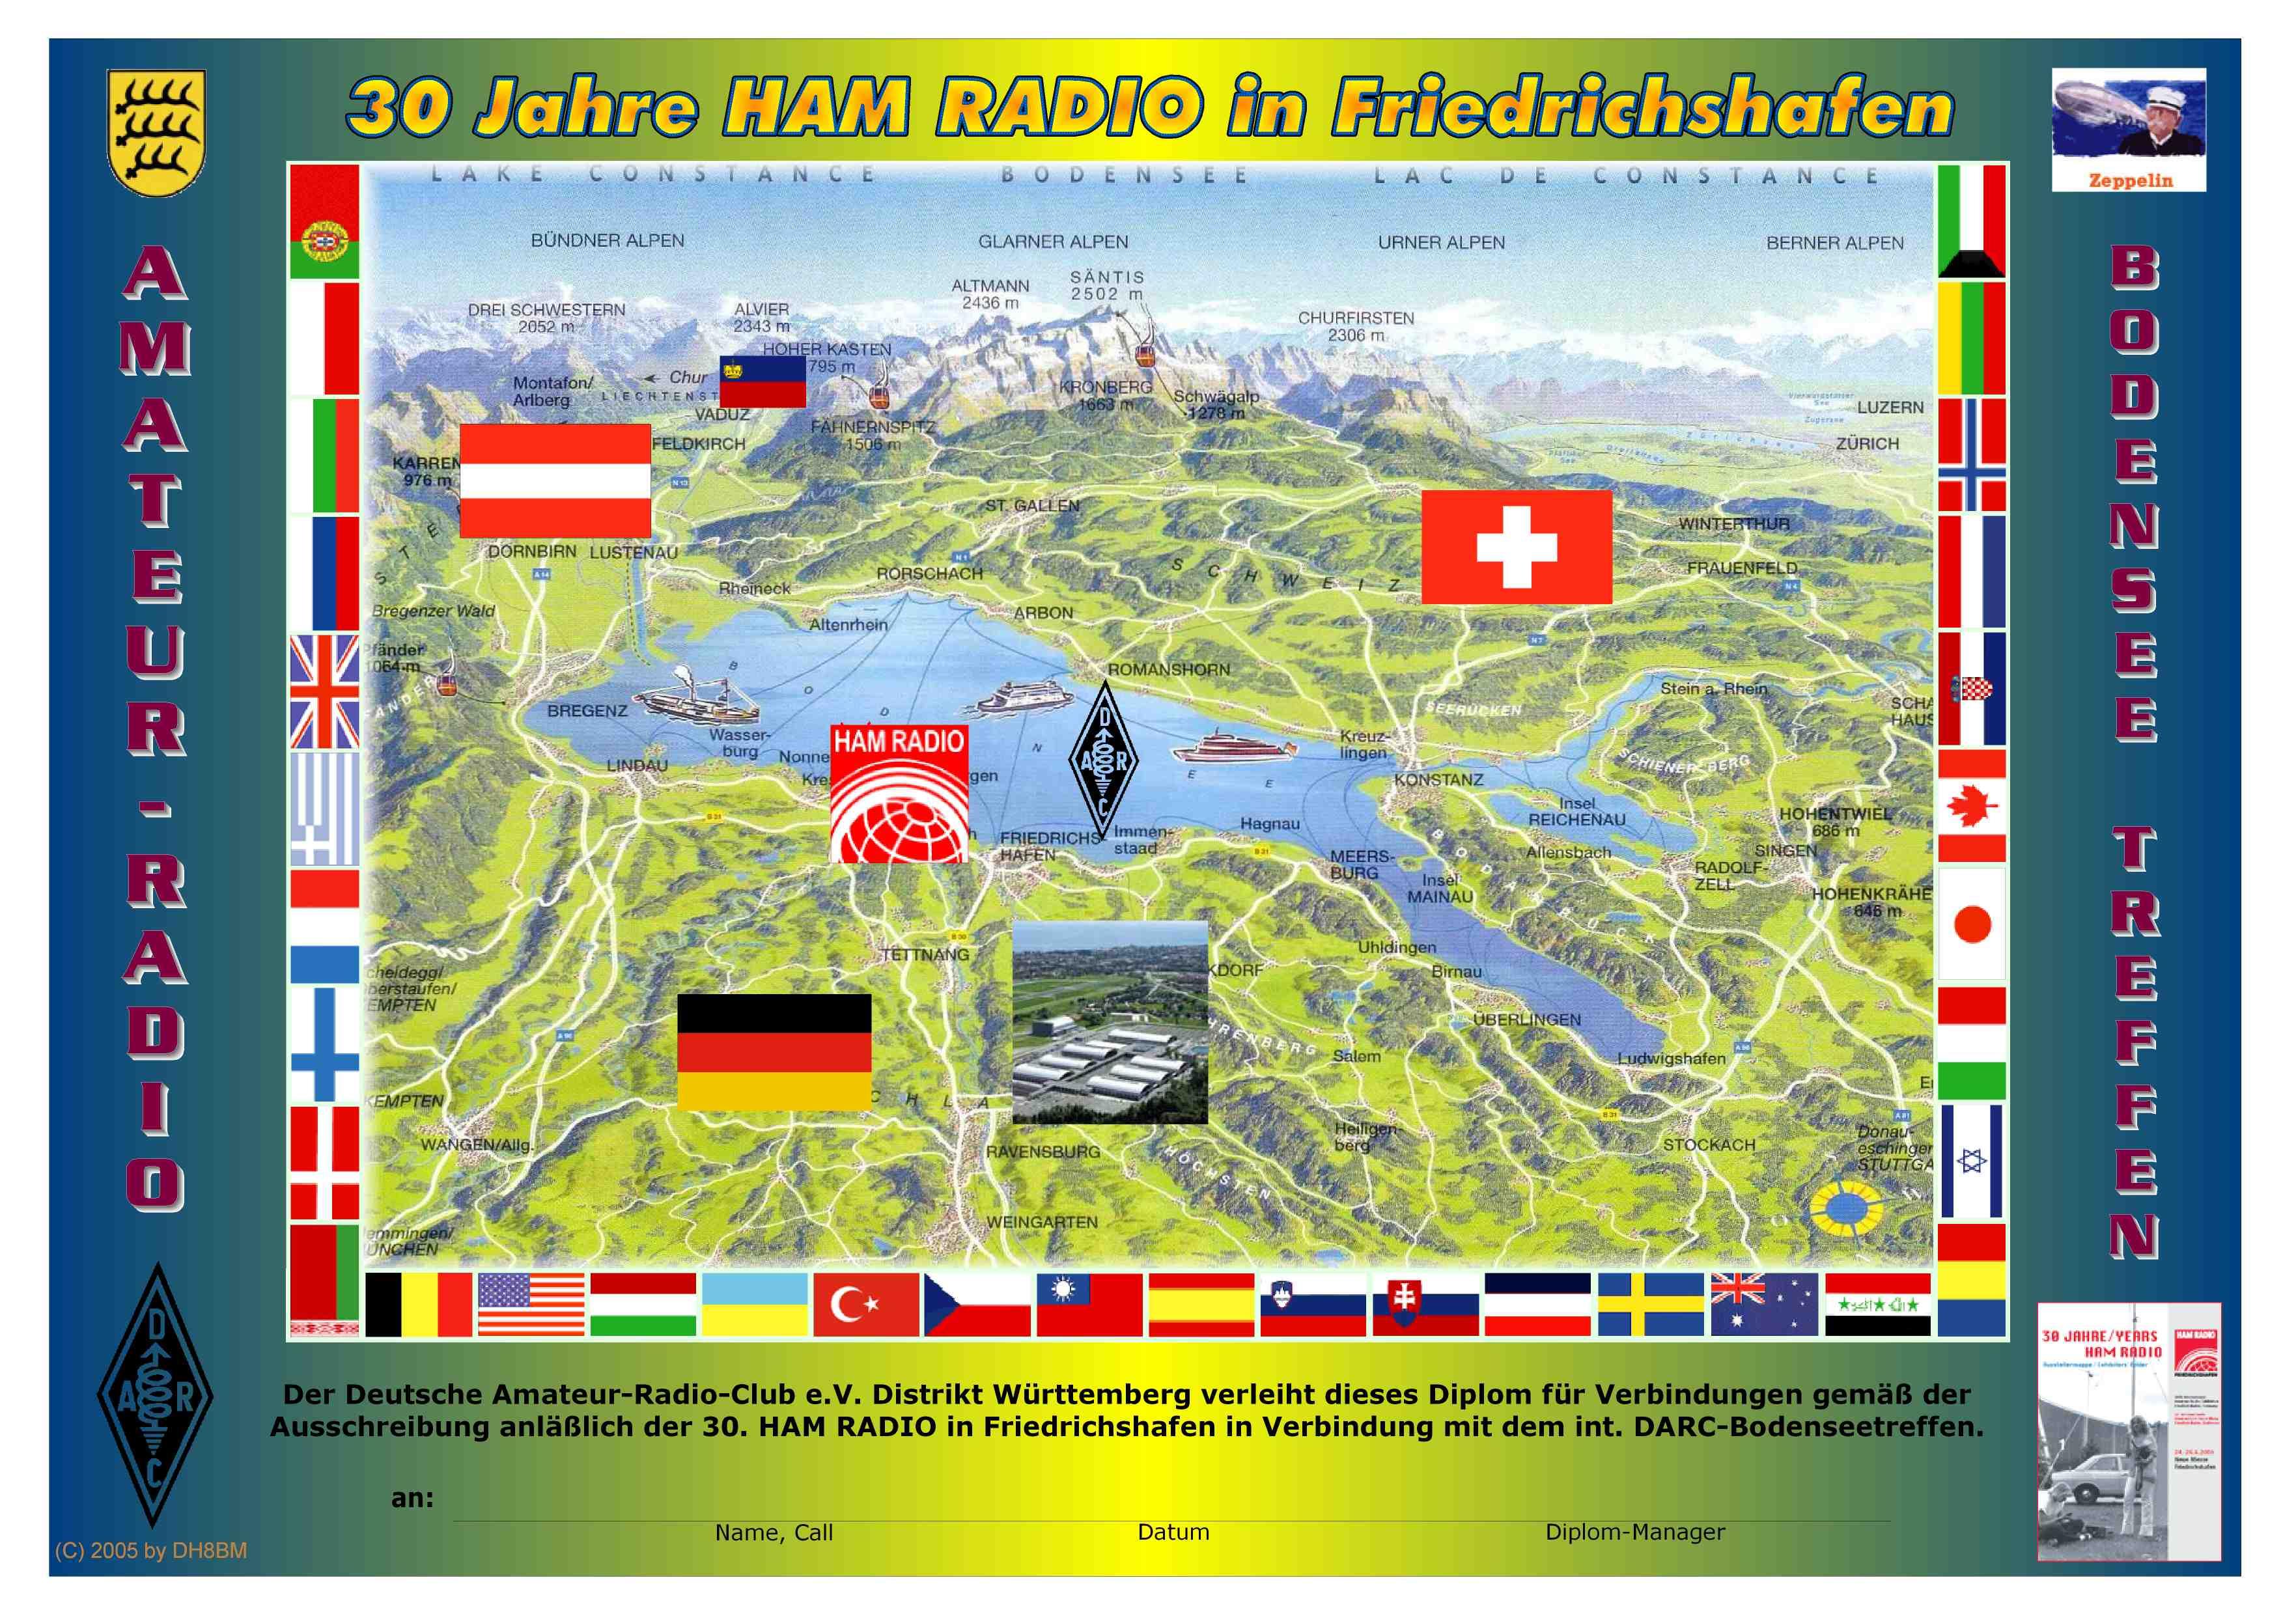 30 Jahre HamRadio Diplom